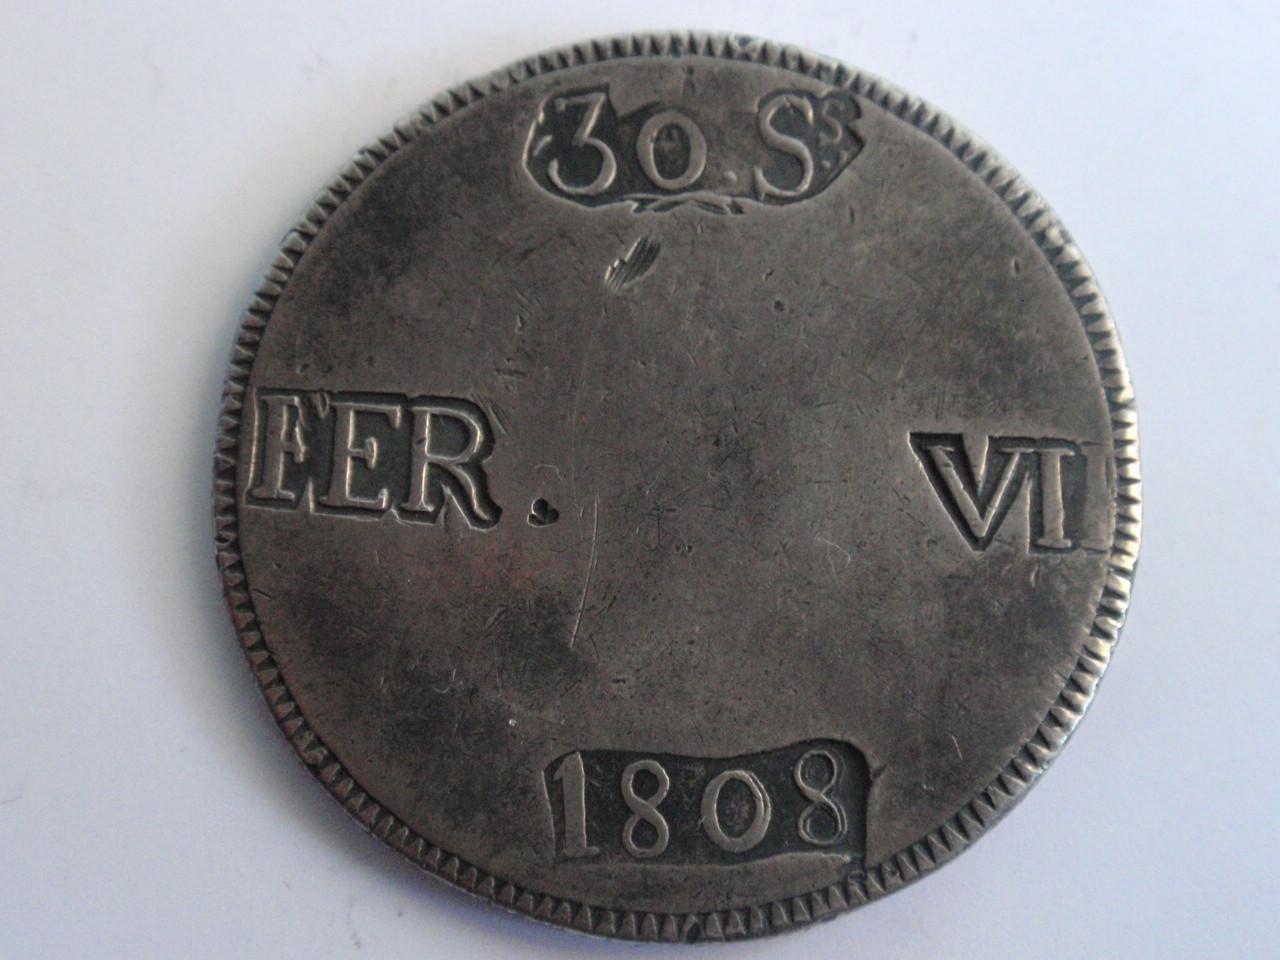 Pasarela de moda numismática Fernandina en Palma: Crónica. 8reales_003